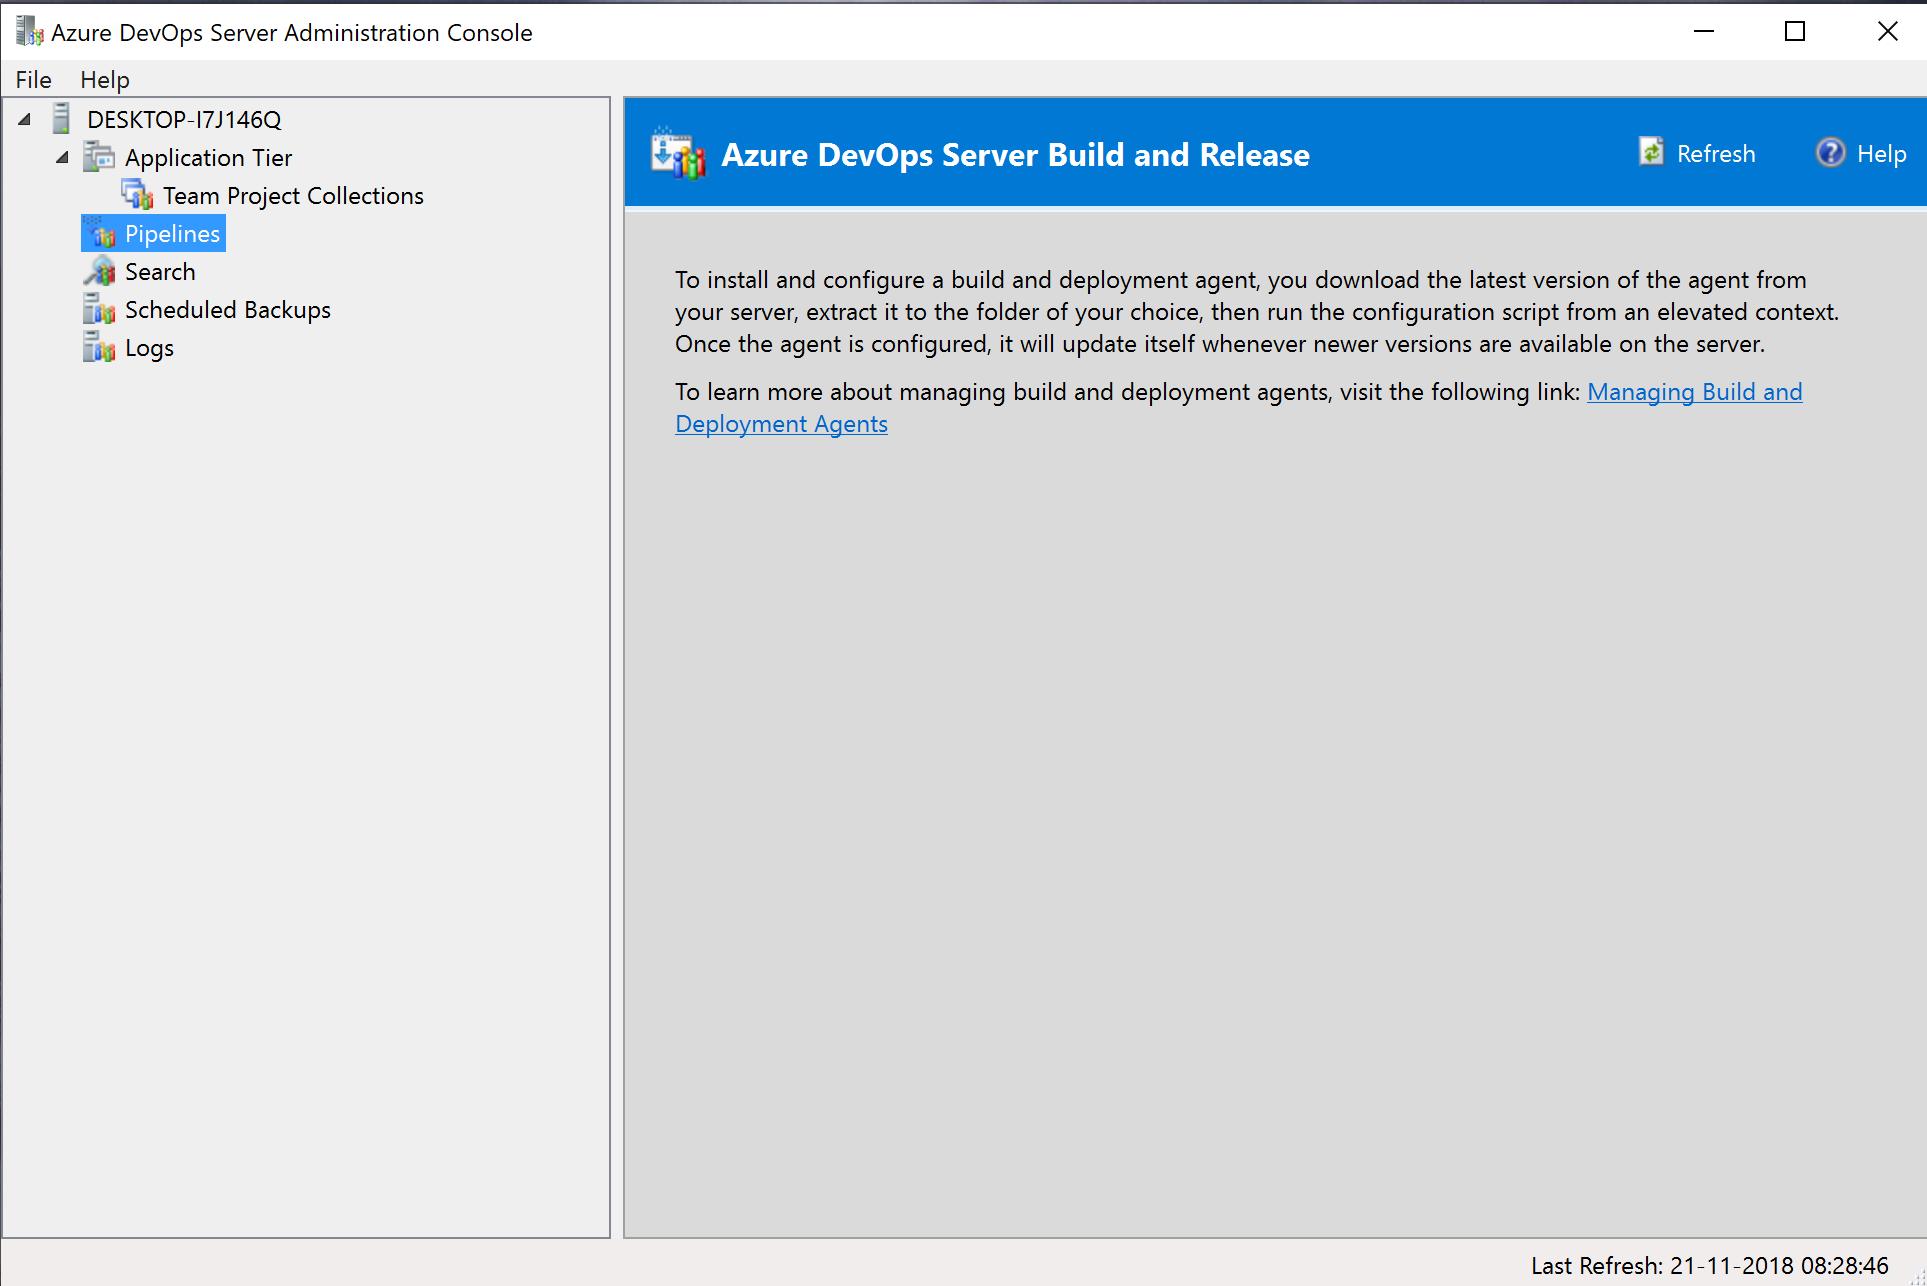 Installation of #AzureDevOps Server 2019 RC1 for your Team Work